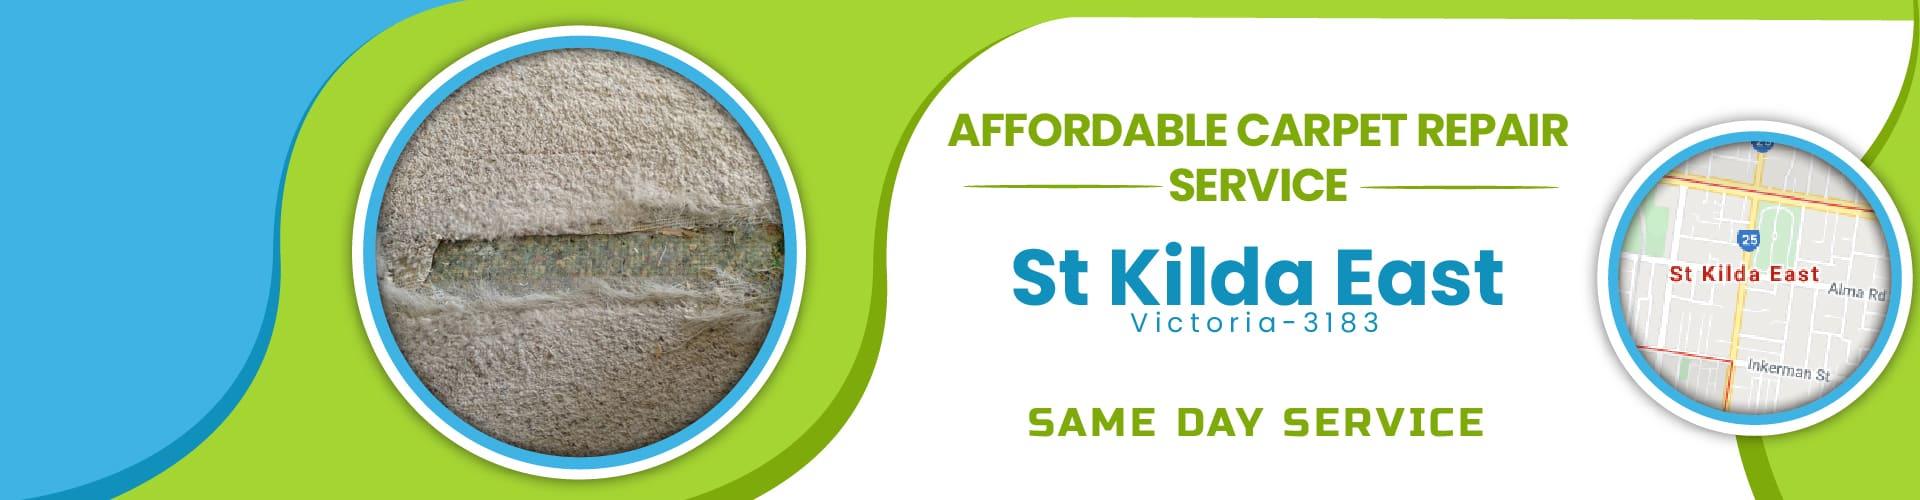 Carpet Repairs St Kilda East